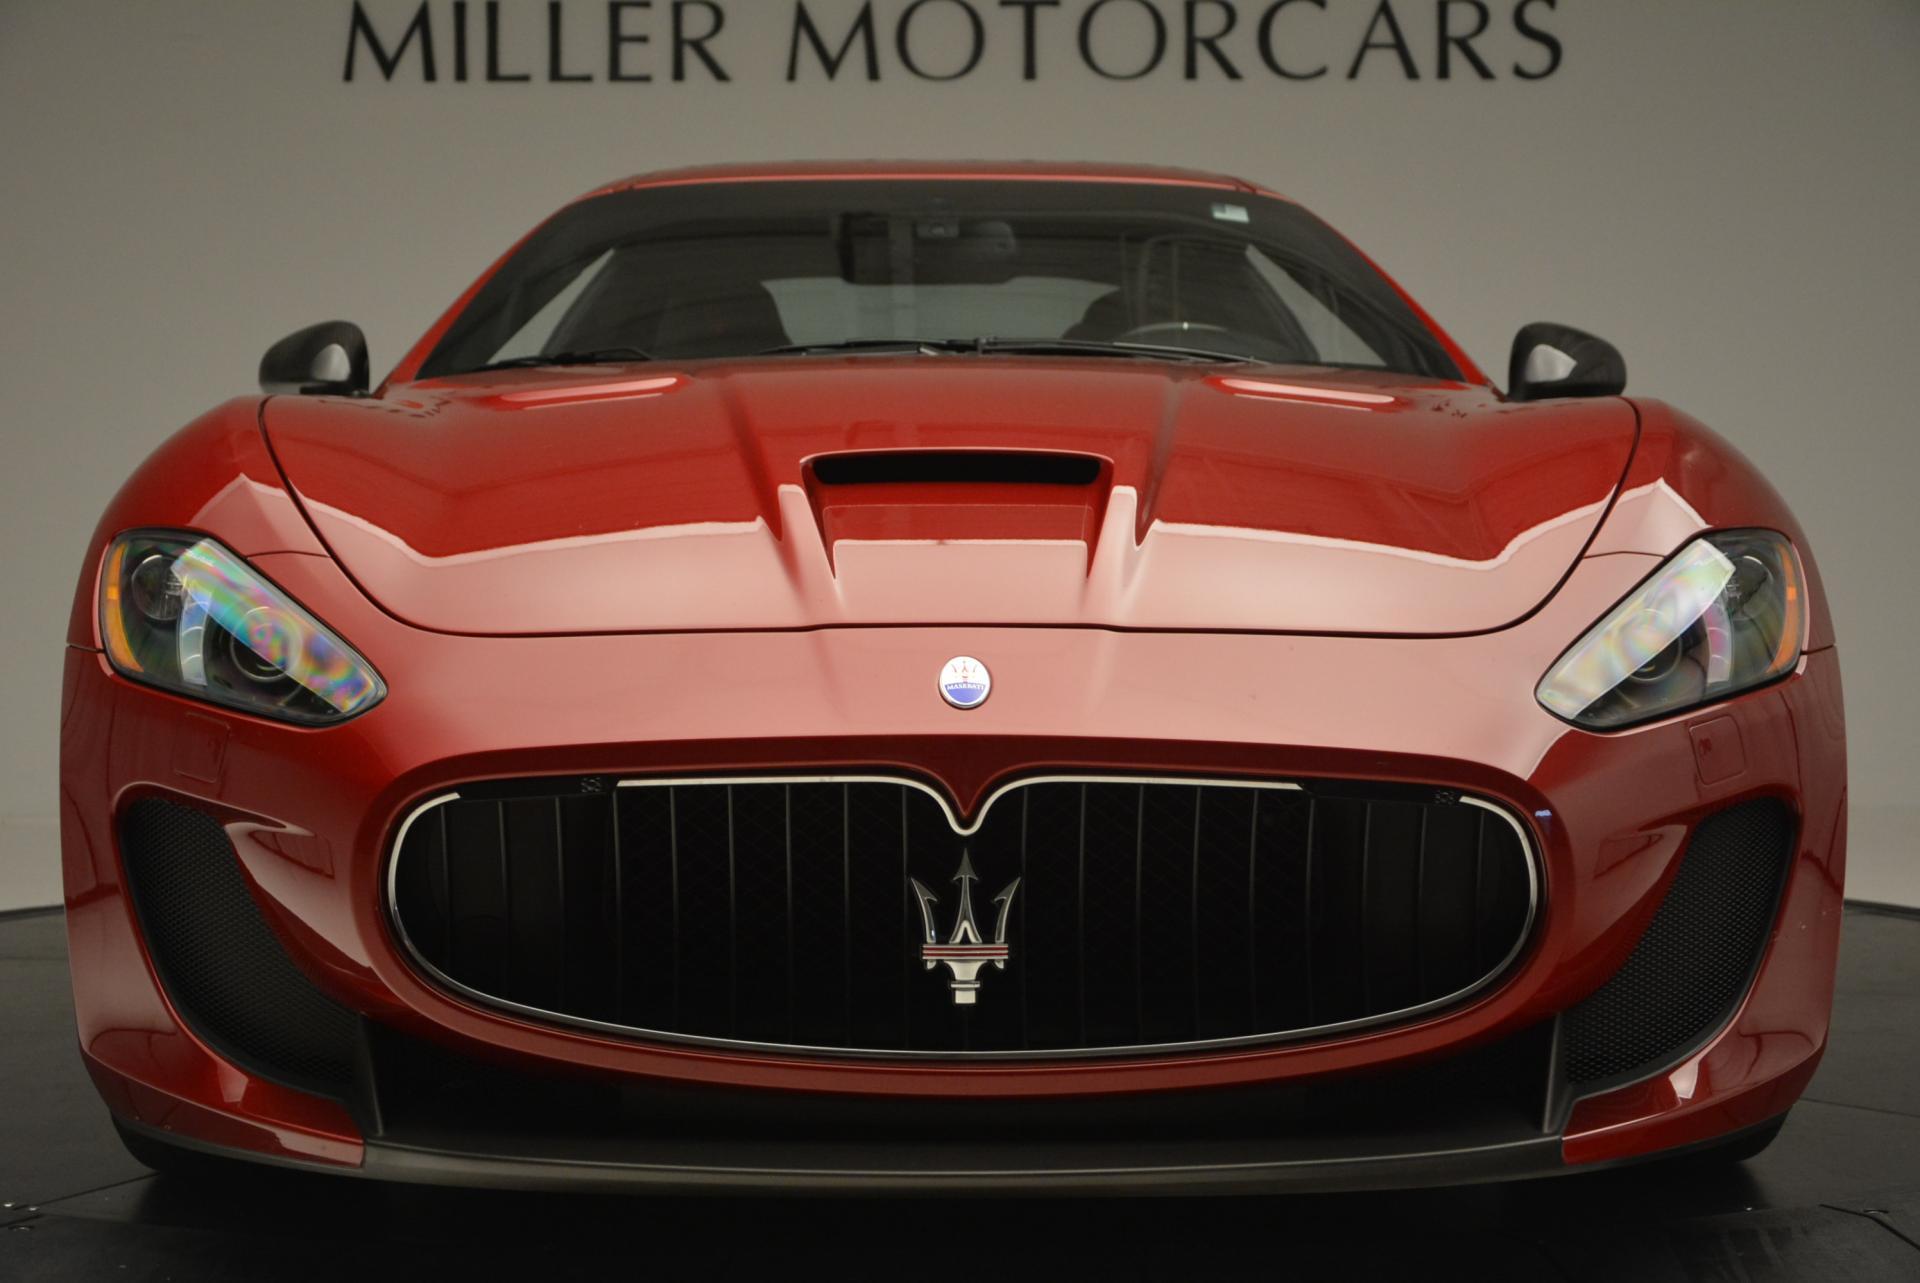 Used 2014 Maserati GranTurismo MC For Sale In Westport, CT 525_p13